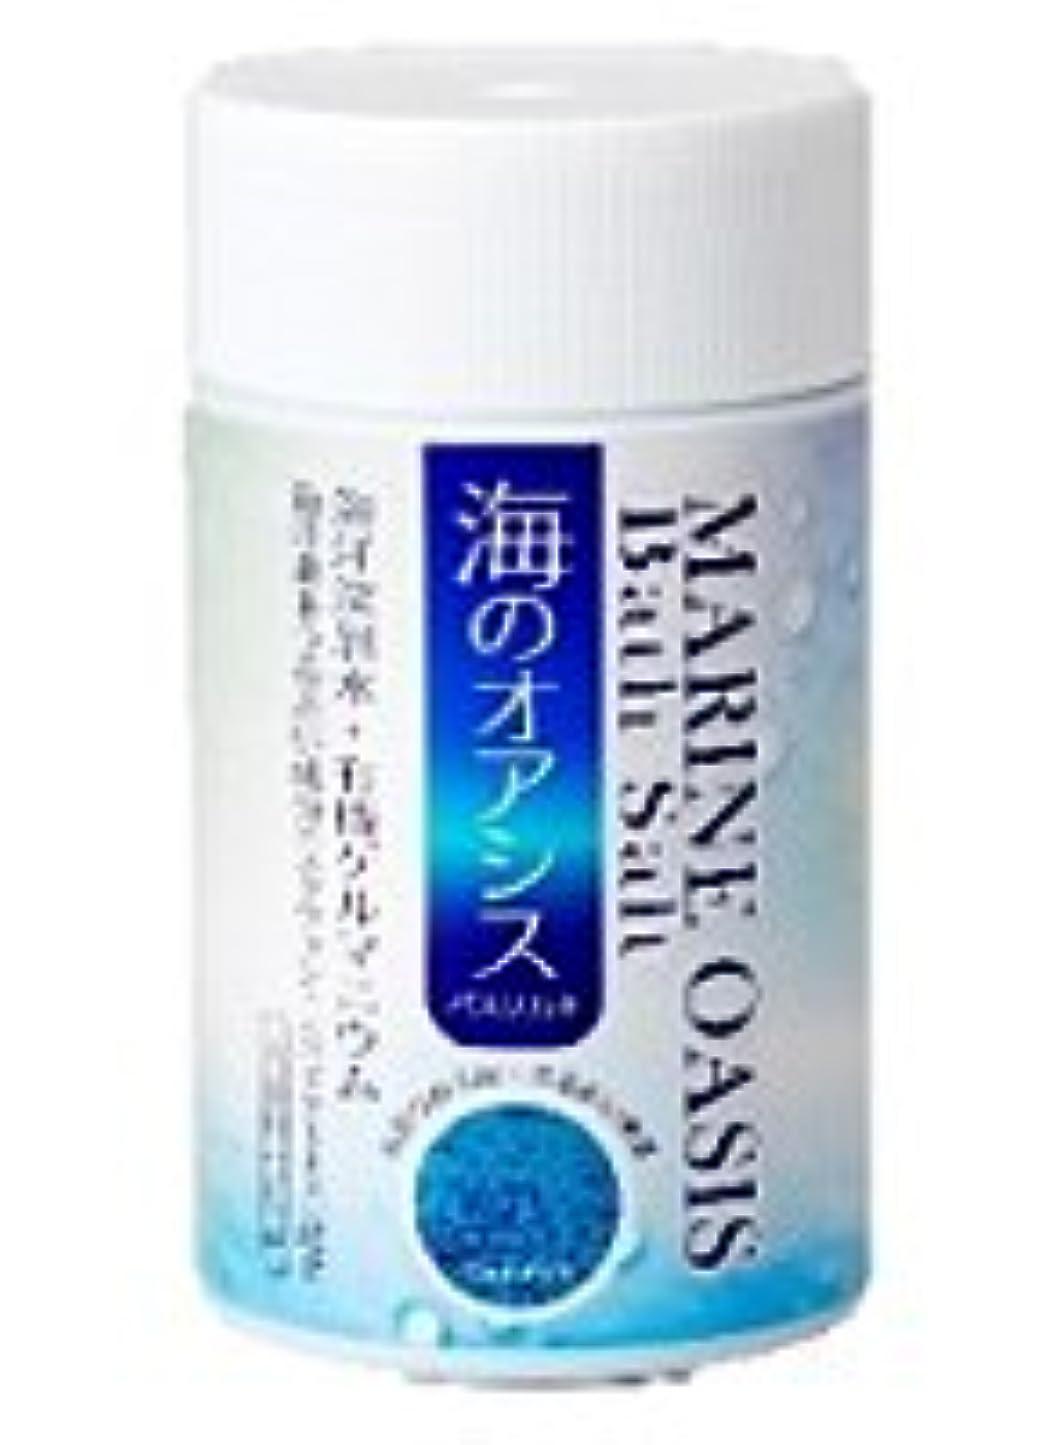 シャー廃止官僚入浴用化粧品 海のオアシス バスソルト 1020g